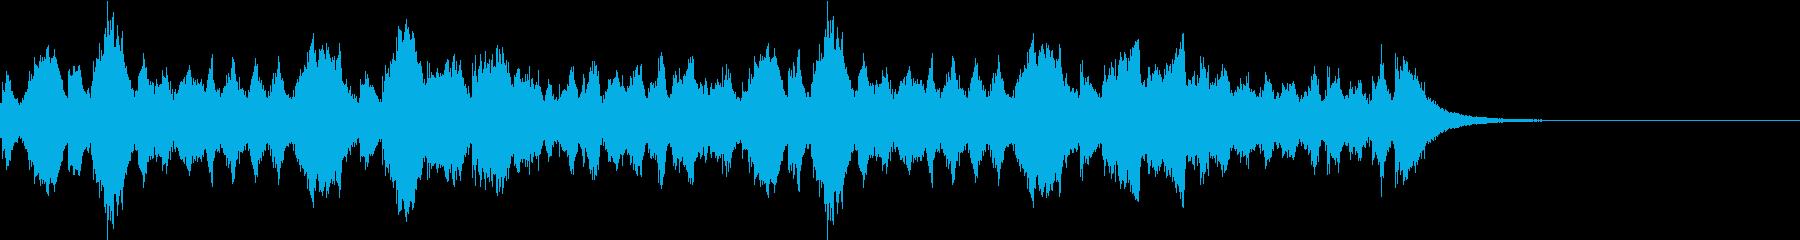 疾走感のある有名な行進曲  幻想交響曲の再生済みの波形